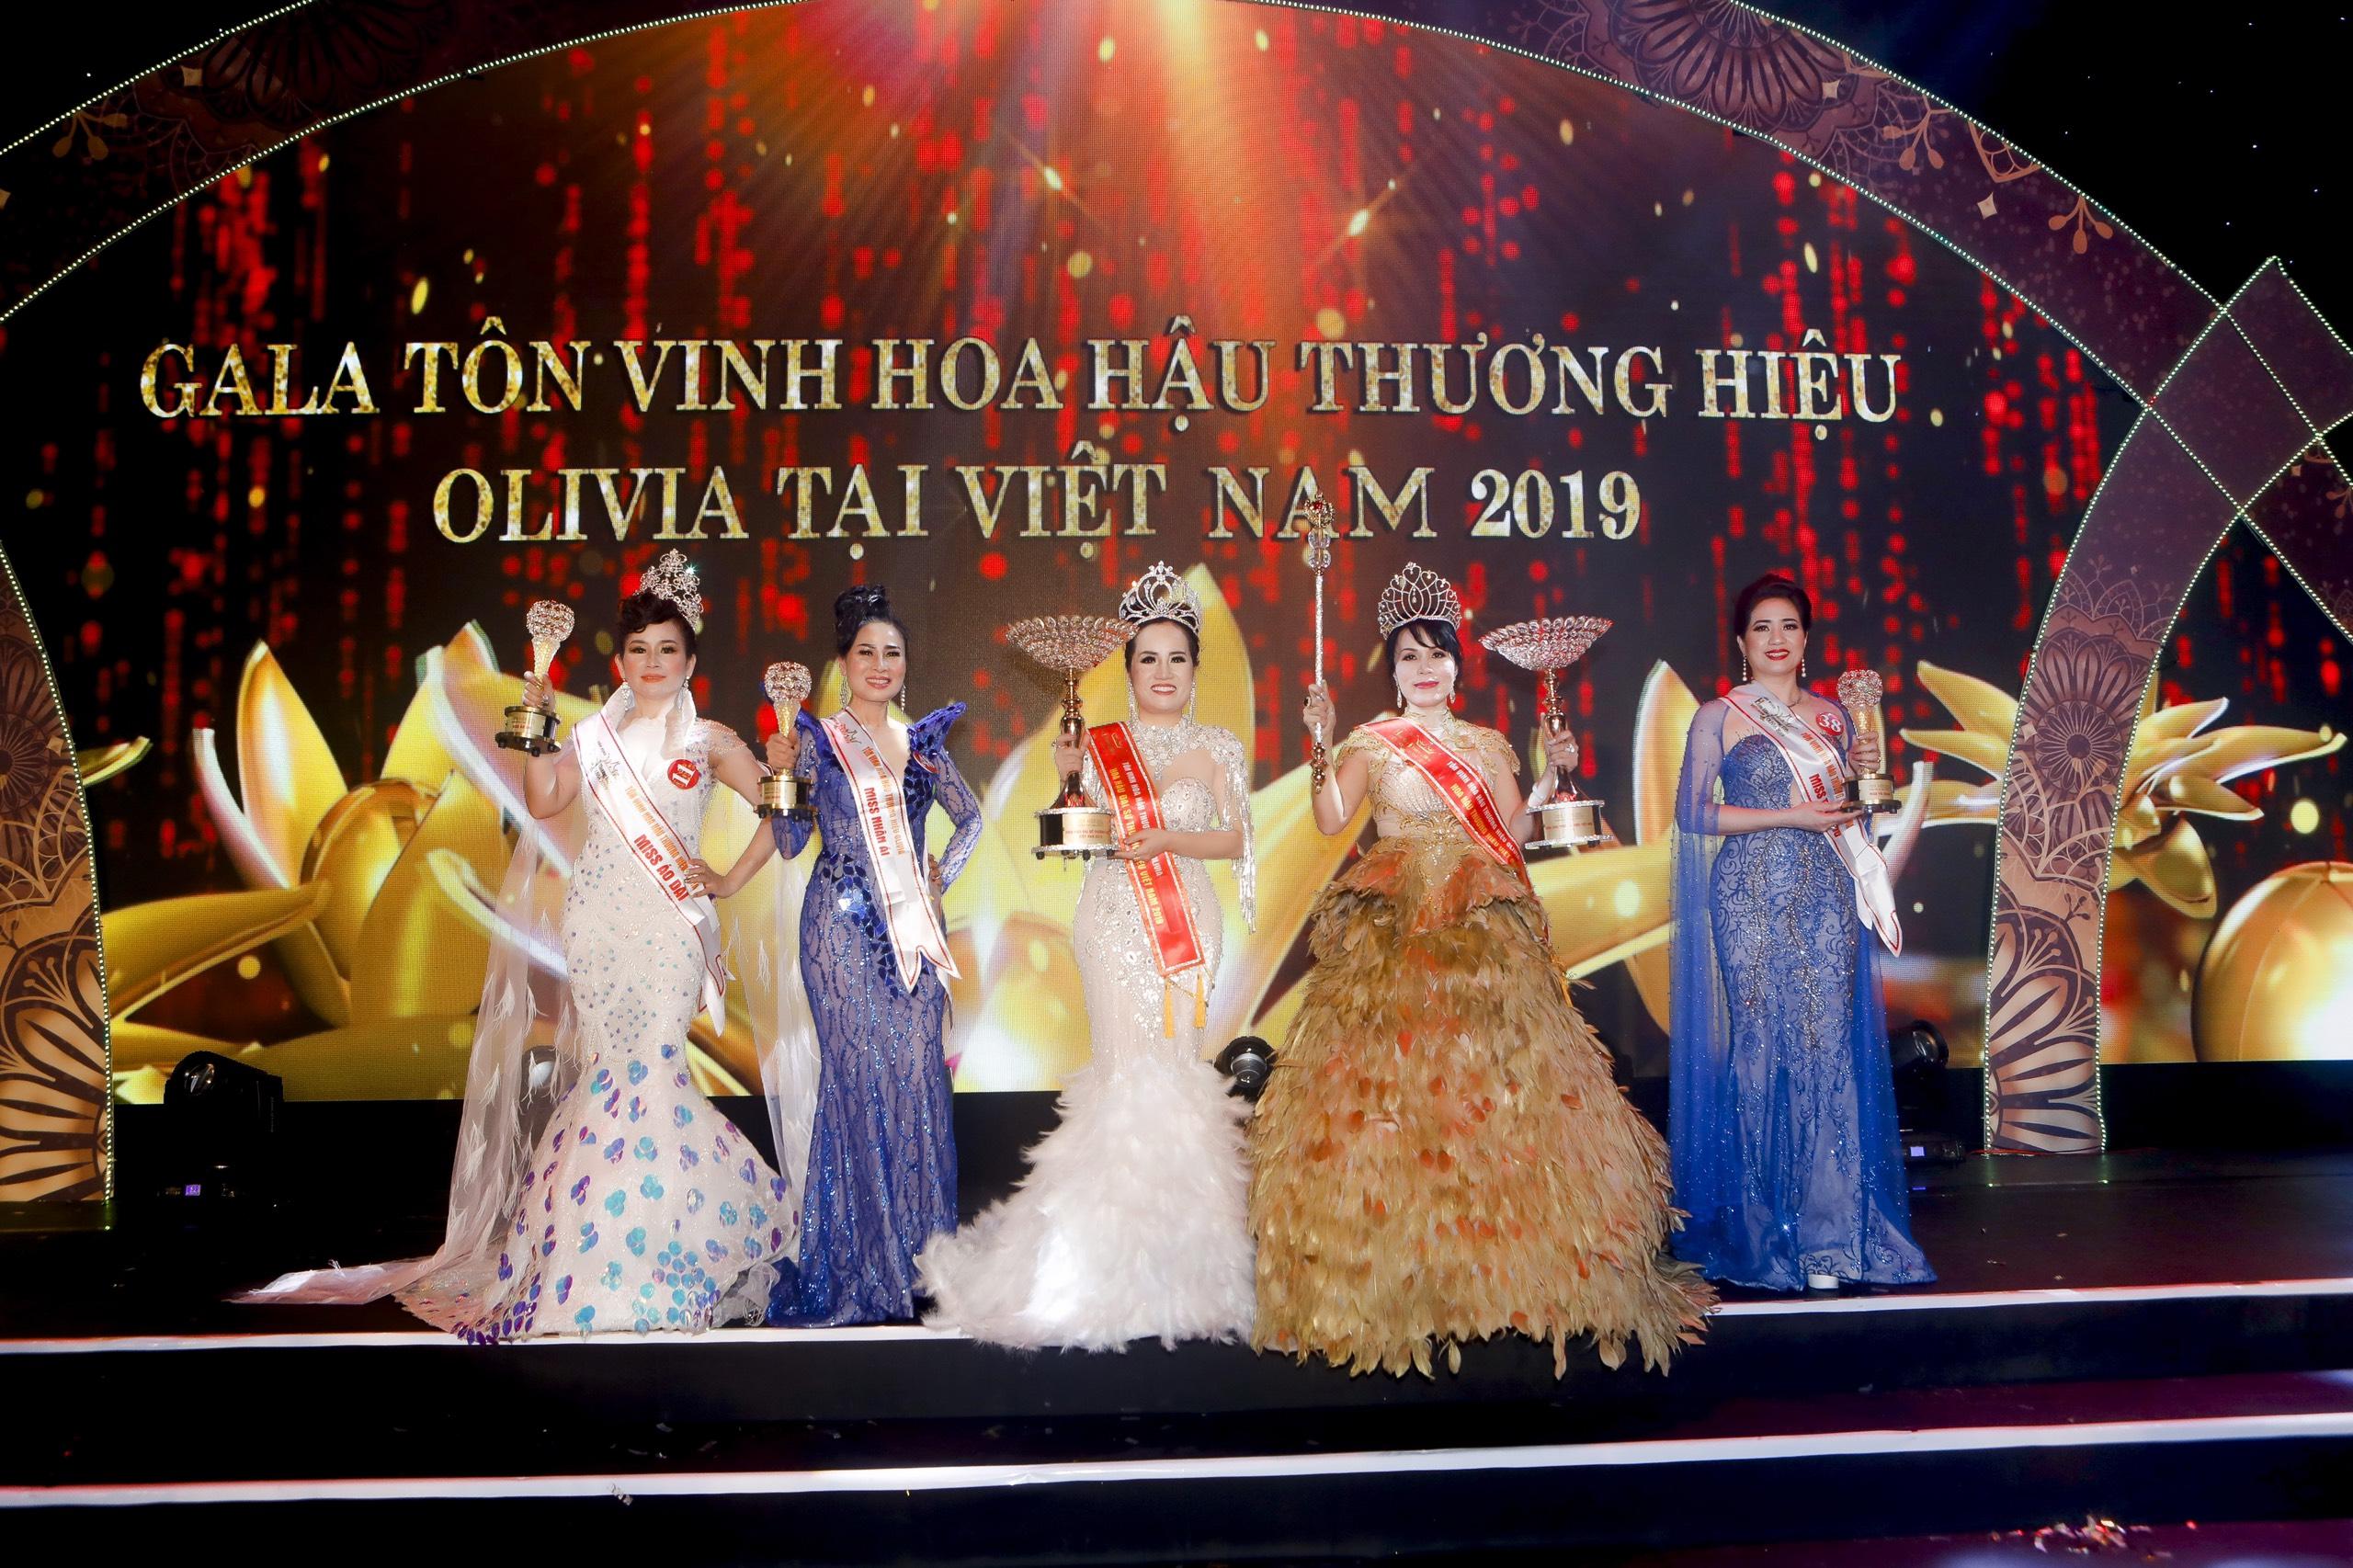 Nhiều sắc màu tại đêm tôn vinh Hoa hậu Thương hiệu Olivia tại Việt Nam 2019 - Ảnh 2